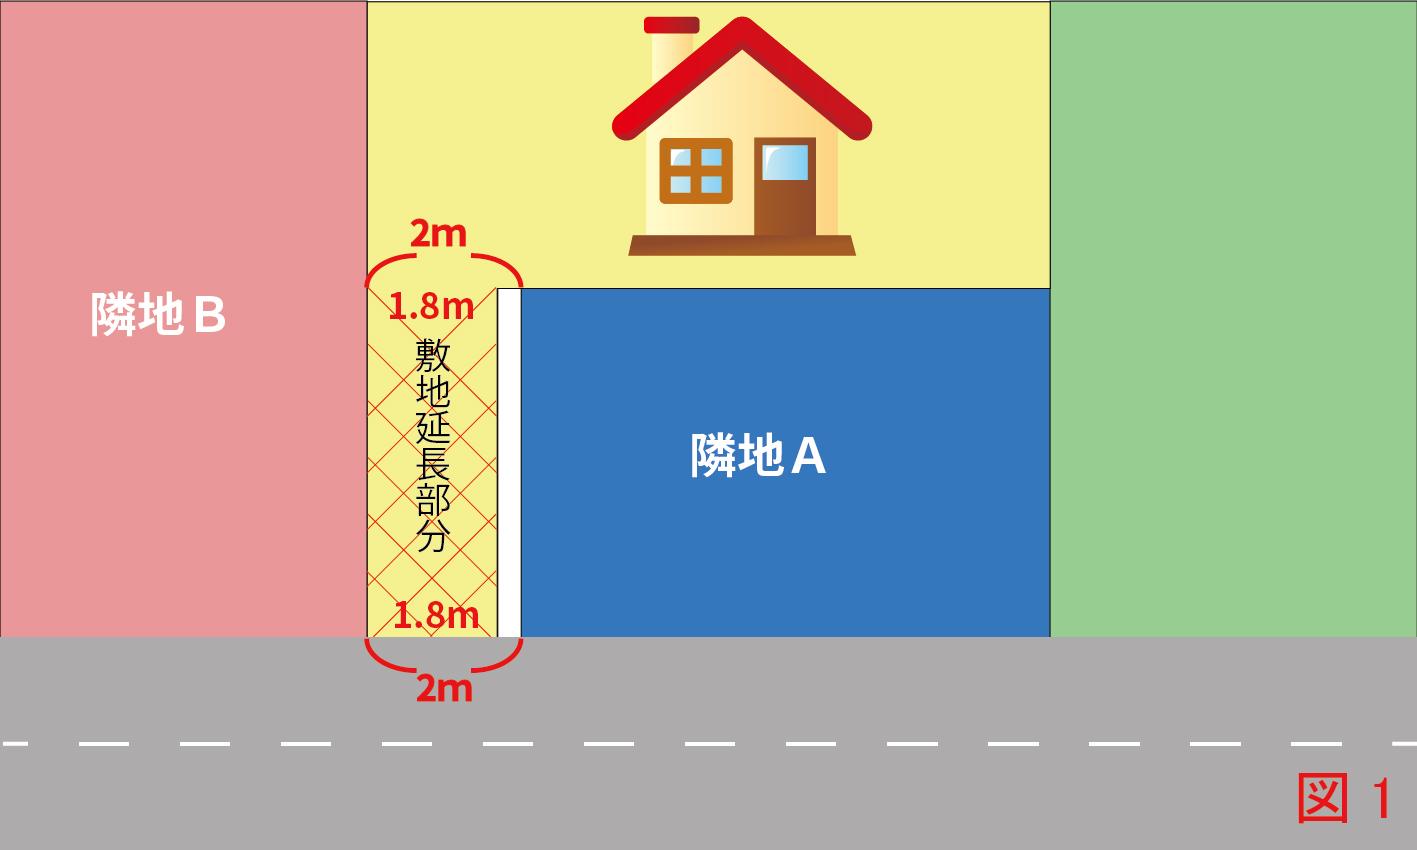 敷地延長部分が1.8mの場合は建て替えが出来ません。そのため隣地A部分(白抜き部分)を購入し、敷地延長部分の幅が2m確保できるようになると建て替えが可能となります。